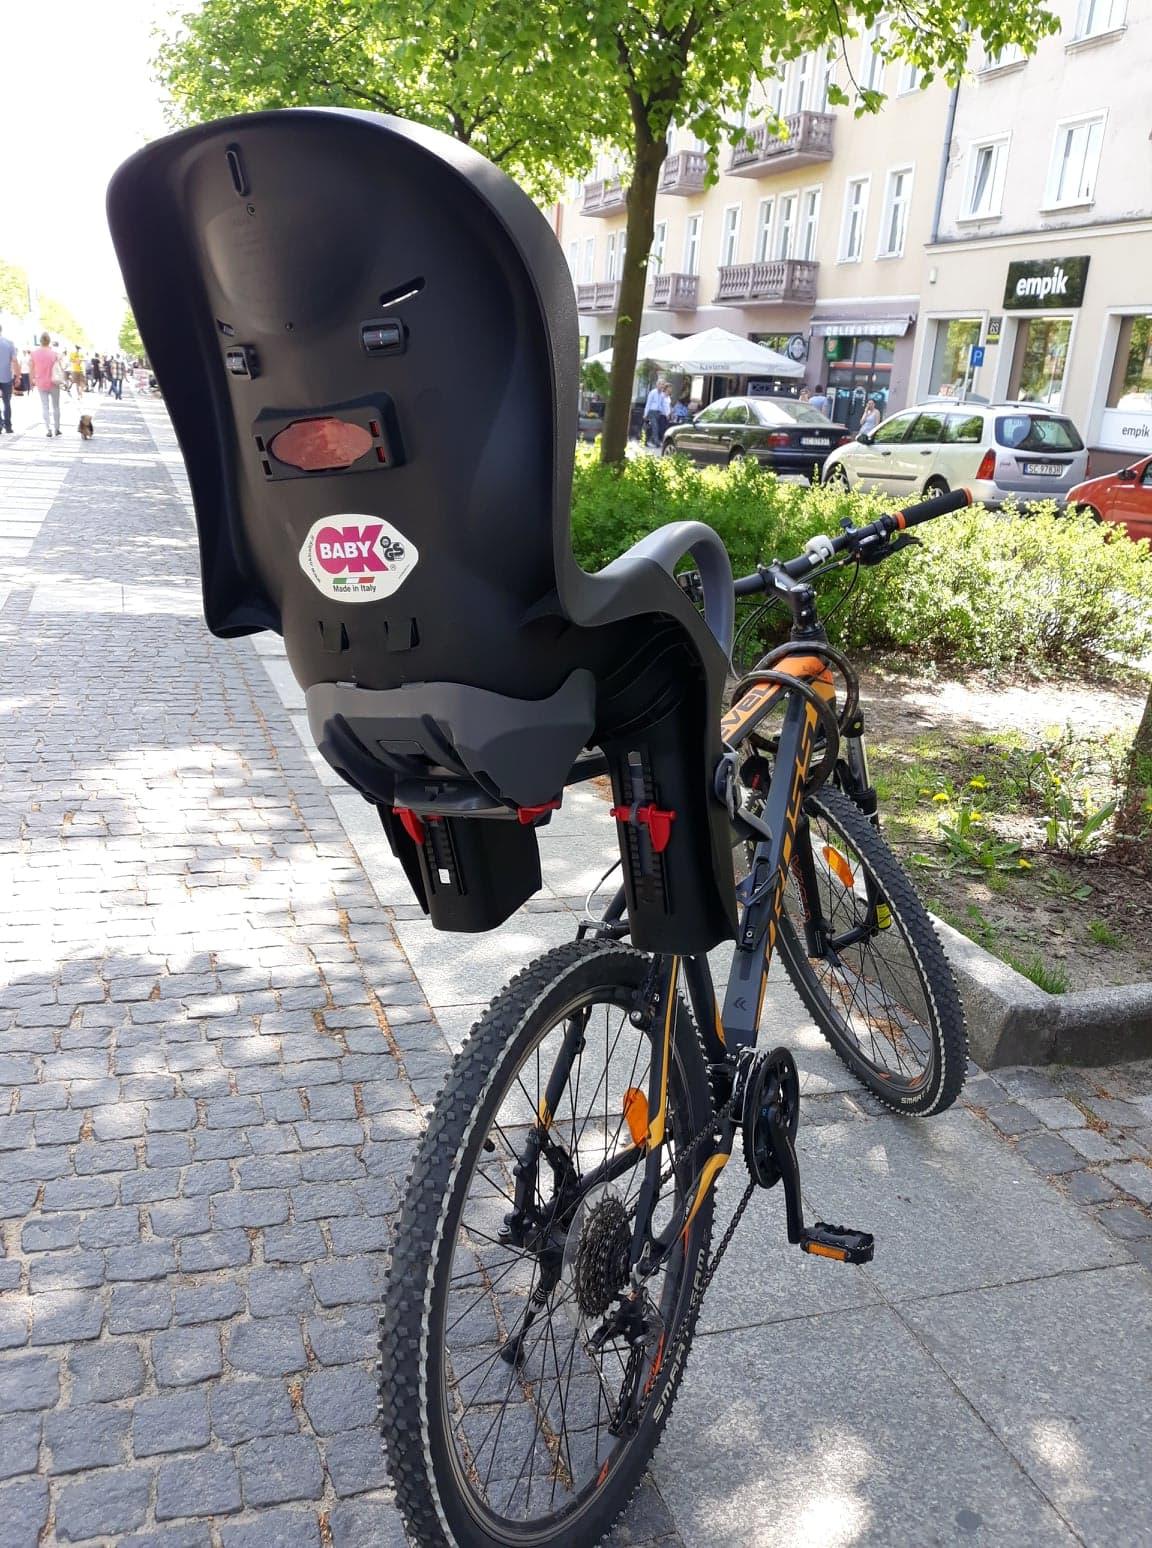 Fotelik rowerowy OK Baby zsystemem zabezpieczeń iodblaskami.